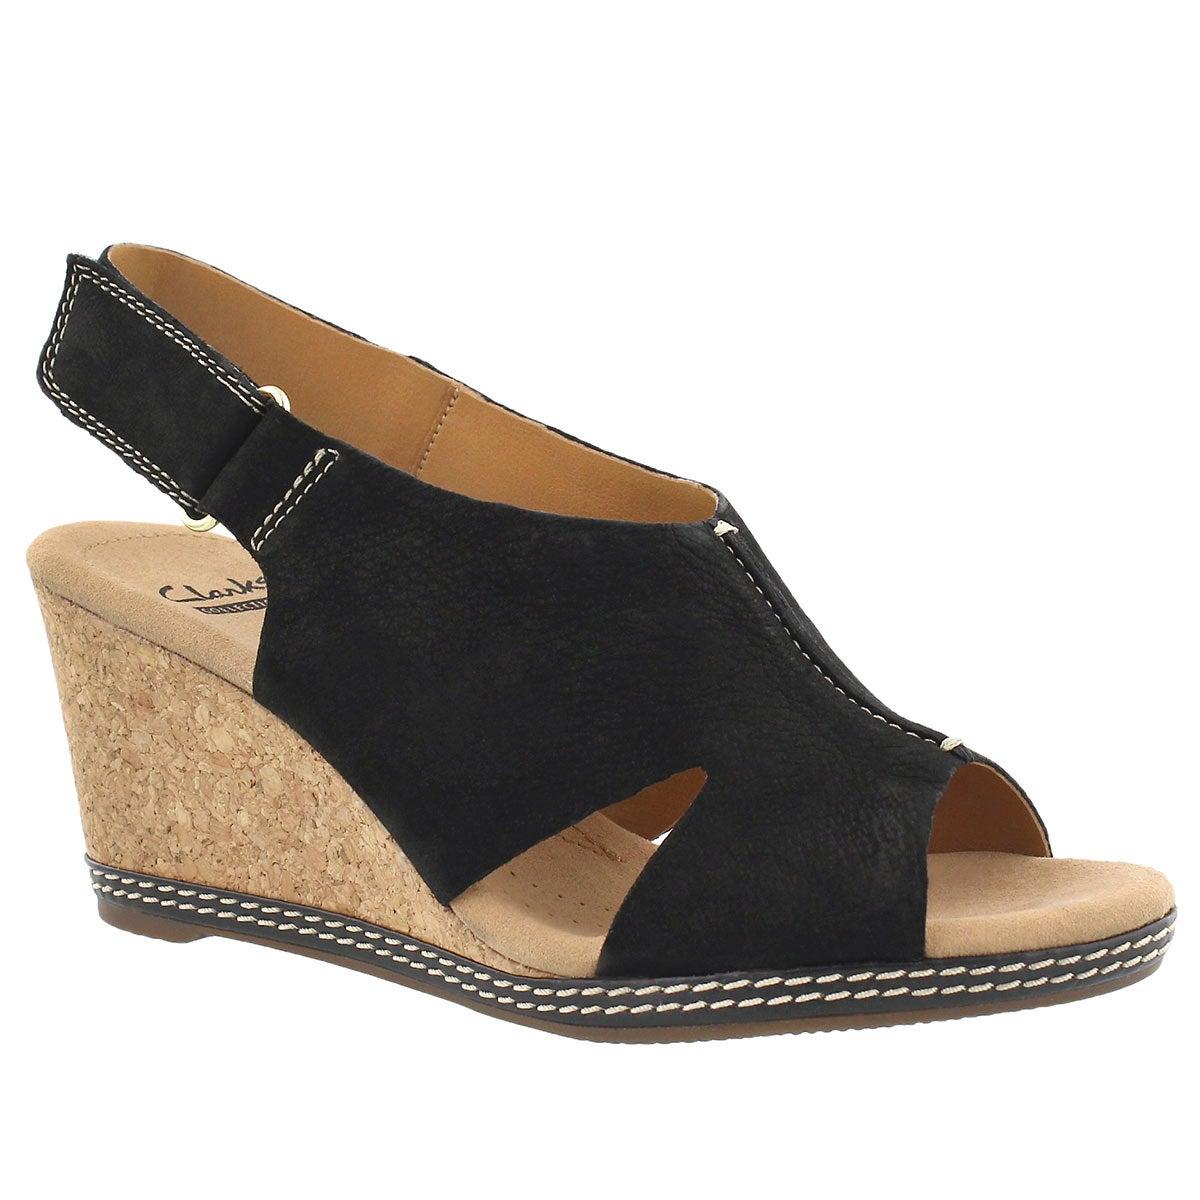 Women's HELIO FLOAT black wedge sandals